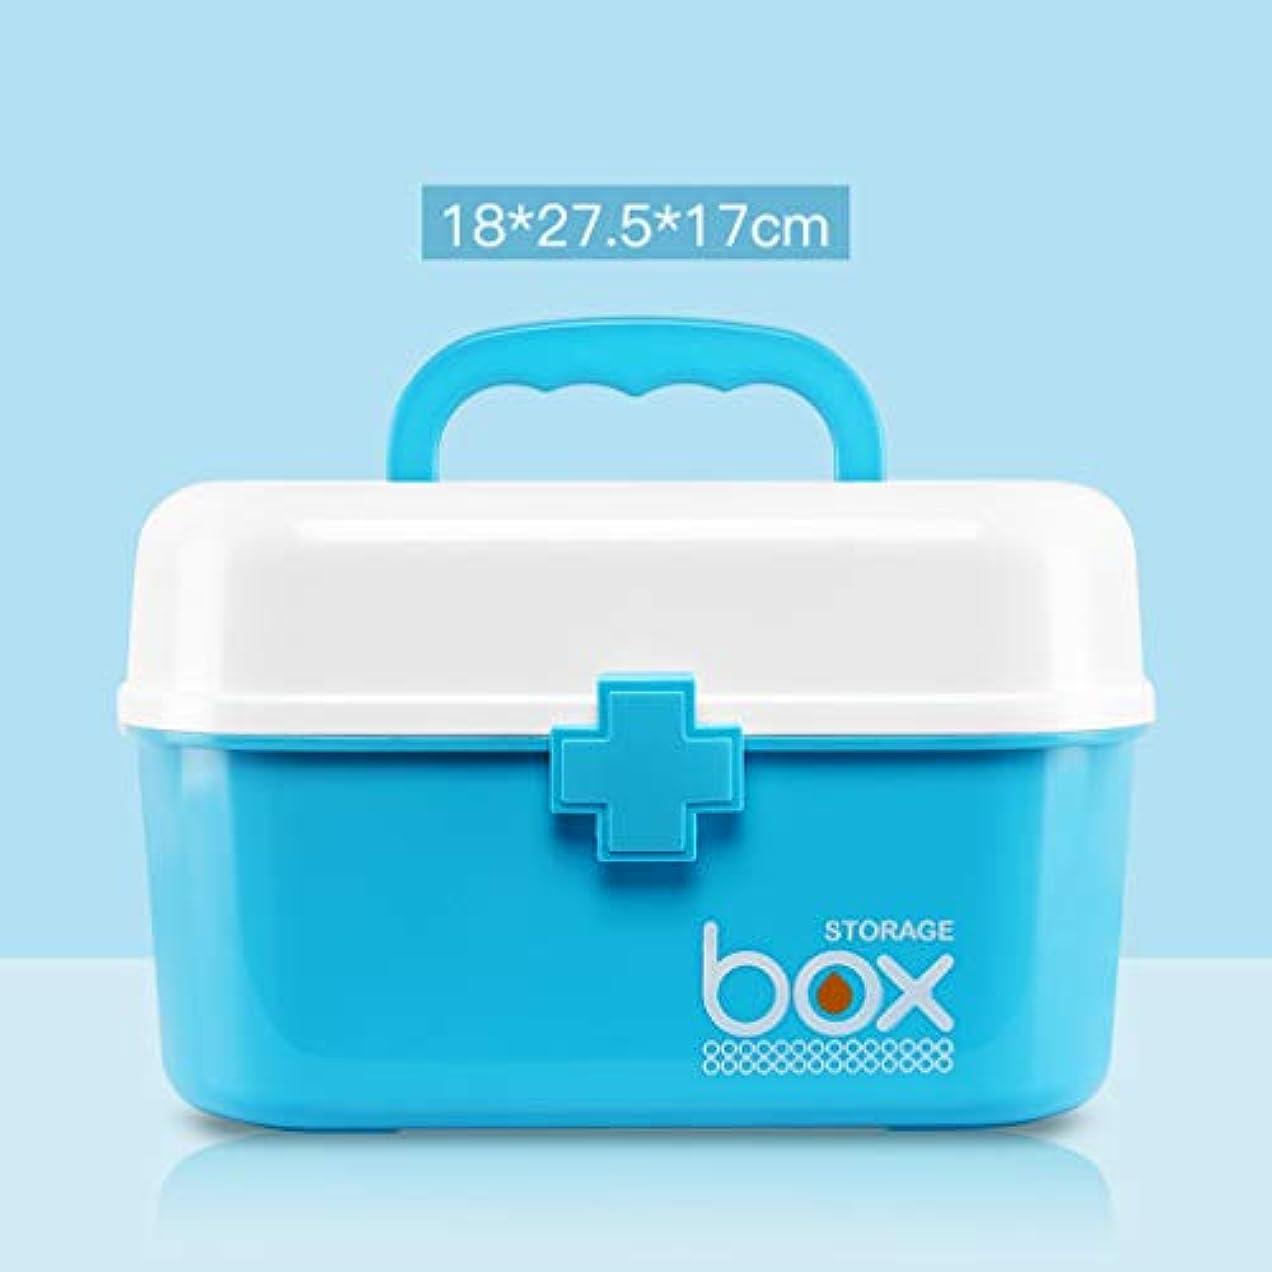 パイプライン否定する資金救急箱 薬箱 大容量 多機能 薬入れ 小物入れ 応急ボックス 医療箱 ハンドル付き 携帯 かわいい 救急ボックス 緊急 防災 応急処置 応急手当 家庭用 ツールボックス 収納ケース ピンク/ブルー/グリーン/グレー